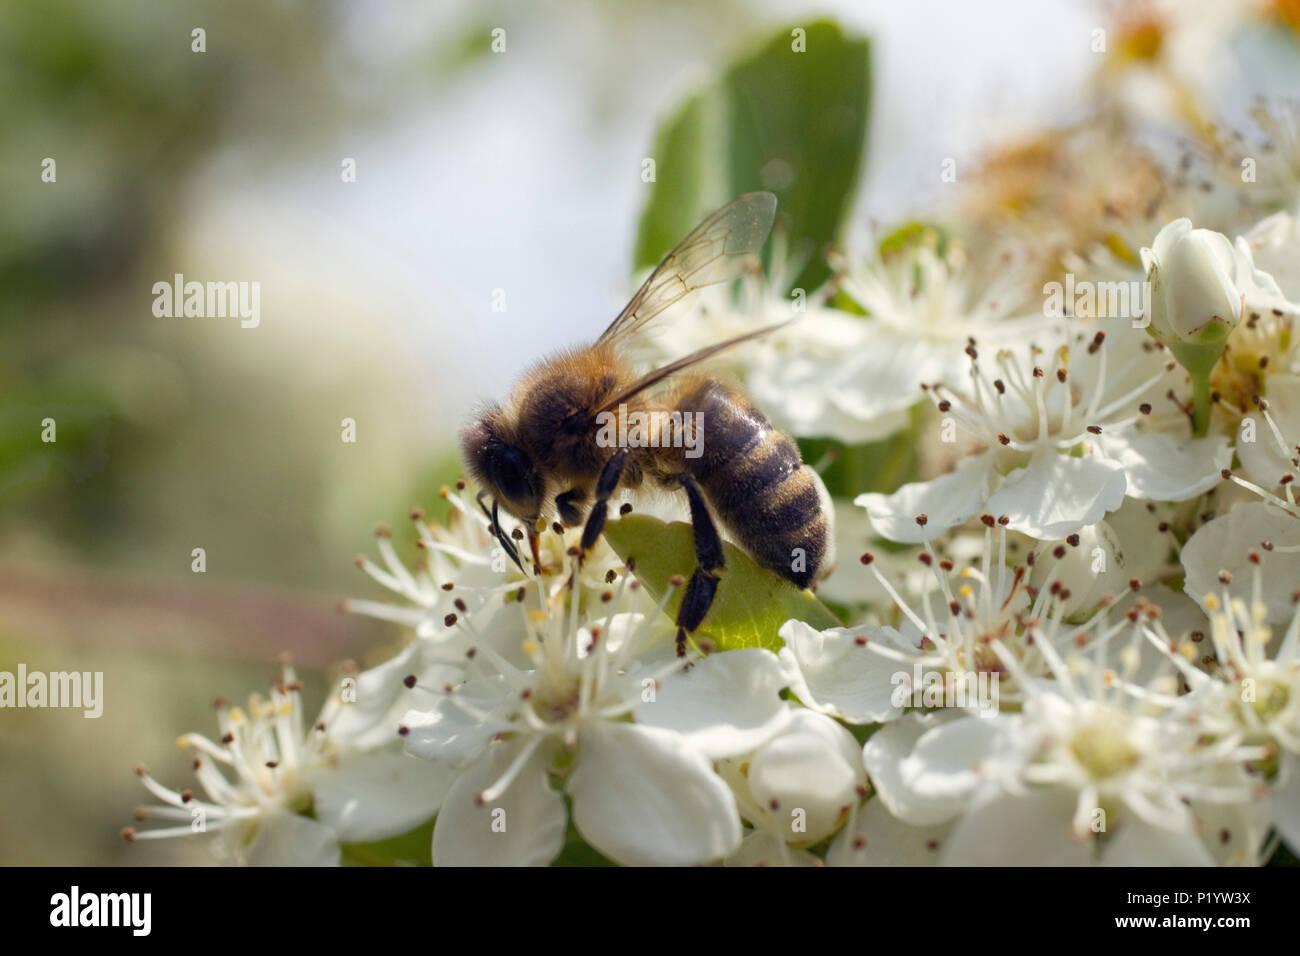 Close-up auf eine Biene sammelt Nektar auf einer Blüte Hedge. Stockbild